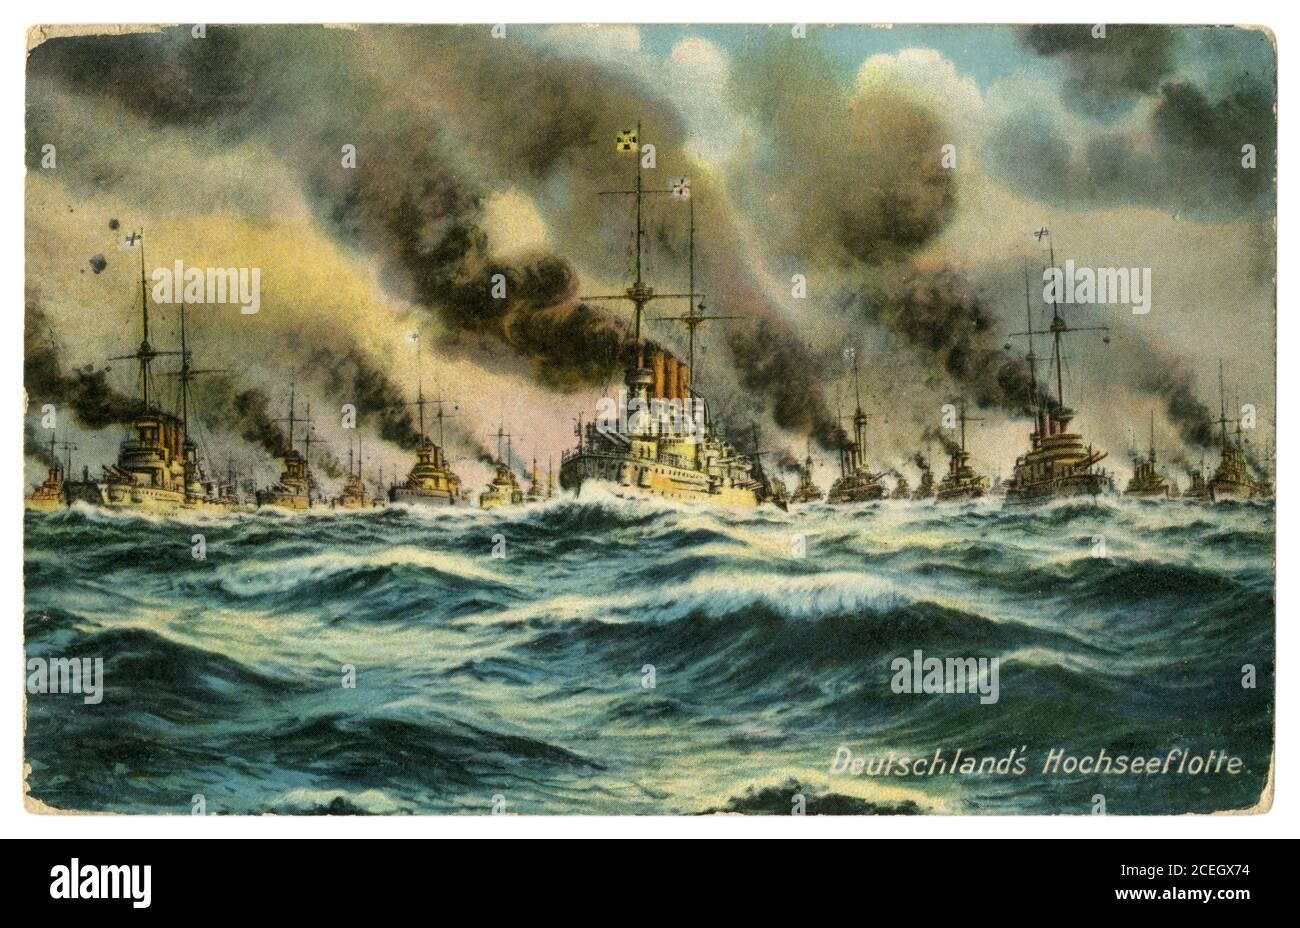 Carte postale historique allemande : une Armada de la Marine impériale allemande (kaisermarine) navigue à travers une mer orageux, Empire allemand, 1908 Banque D'Images